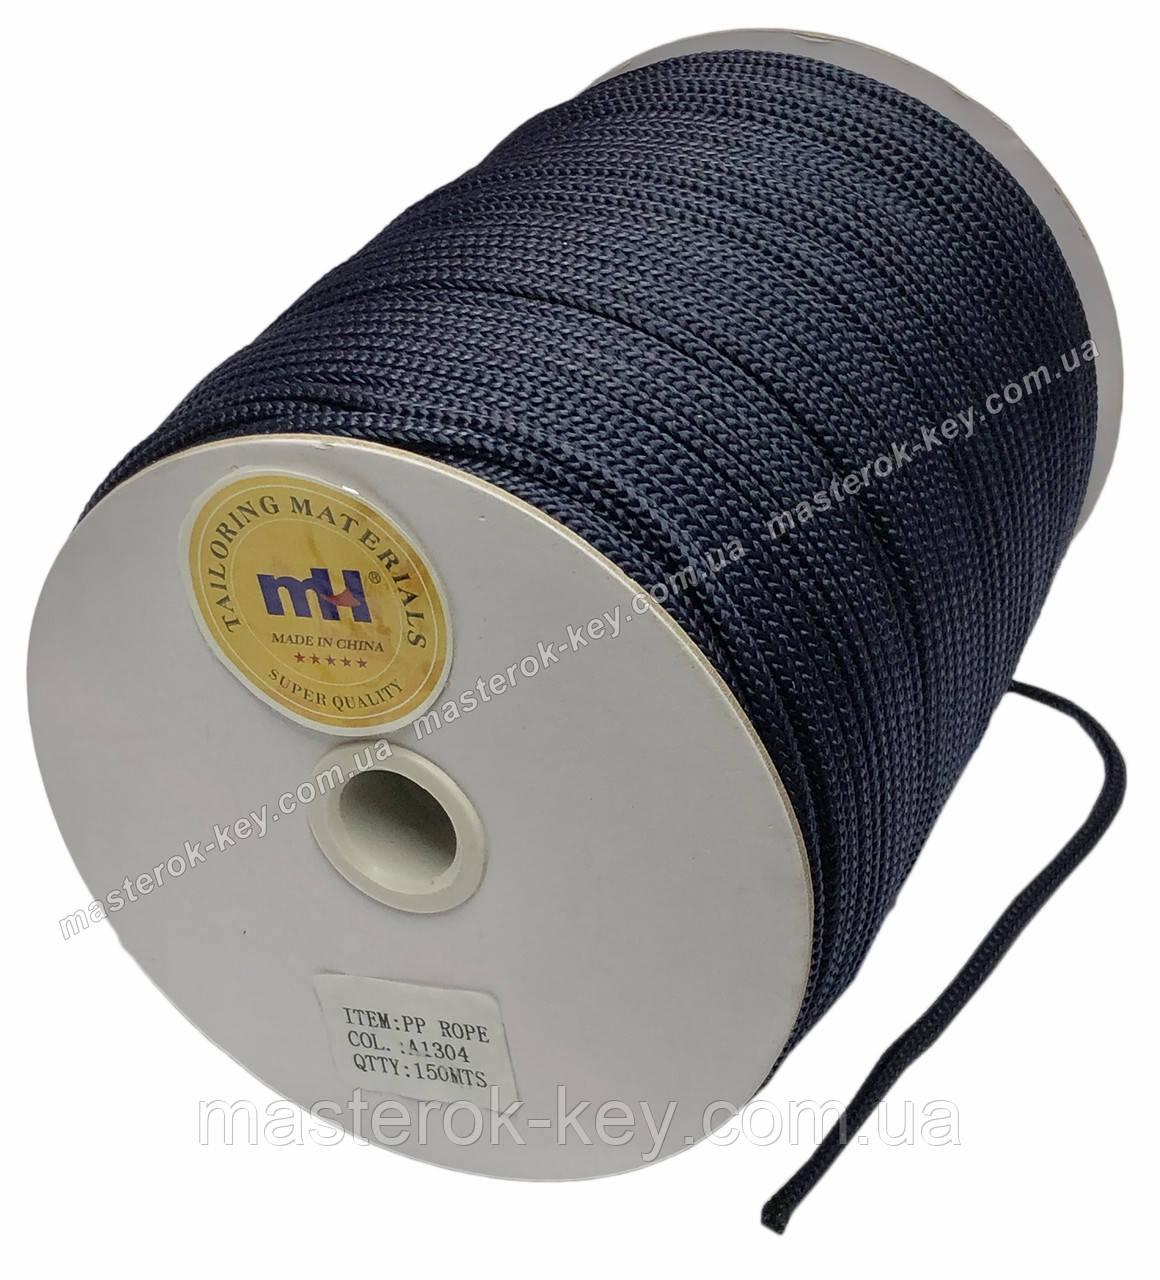 Шнур одежний круглий 4мм колір темно-синій